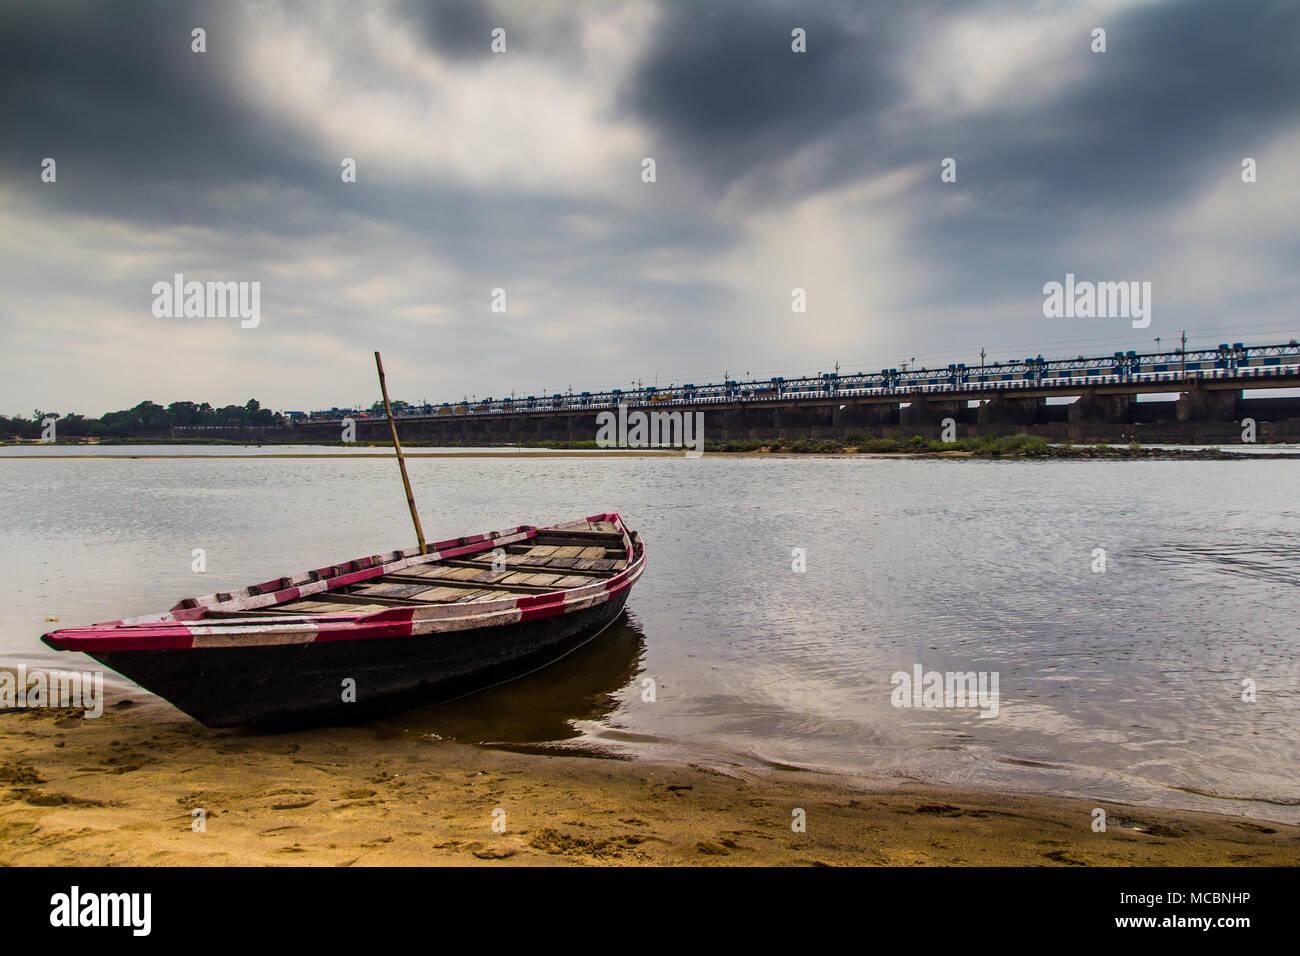 Angolo Del Letto : Hdr paesaggio di un cinghiale legata allangolo del letto del fiume